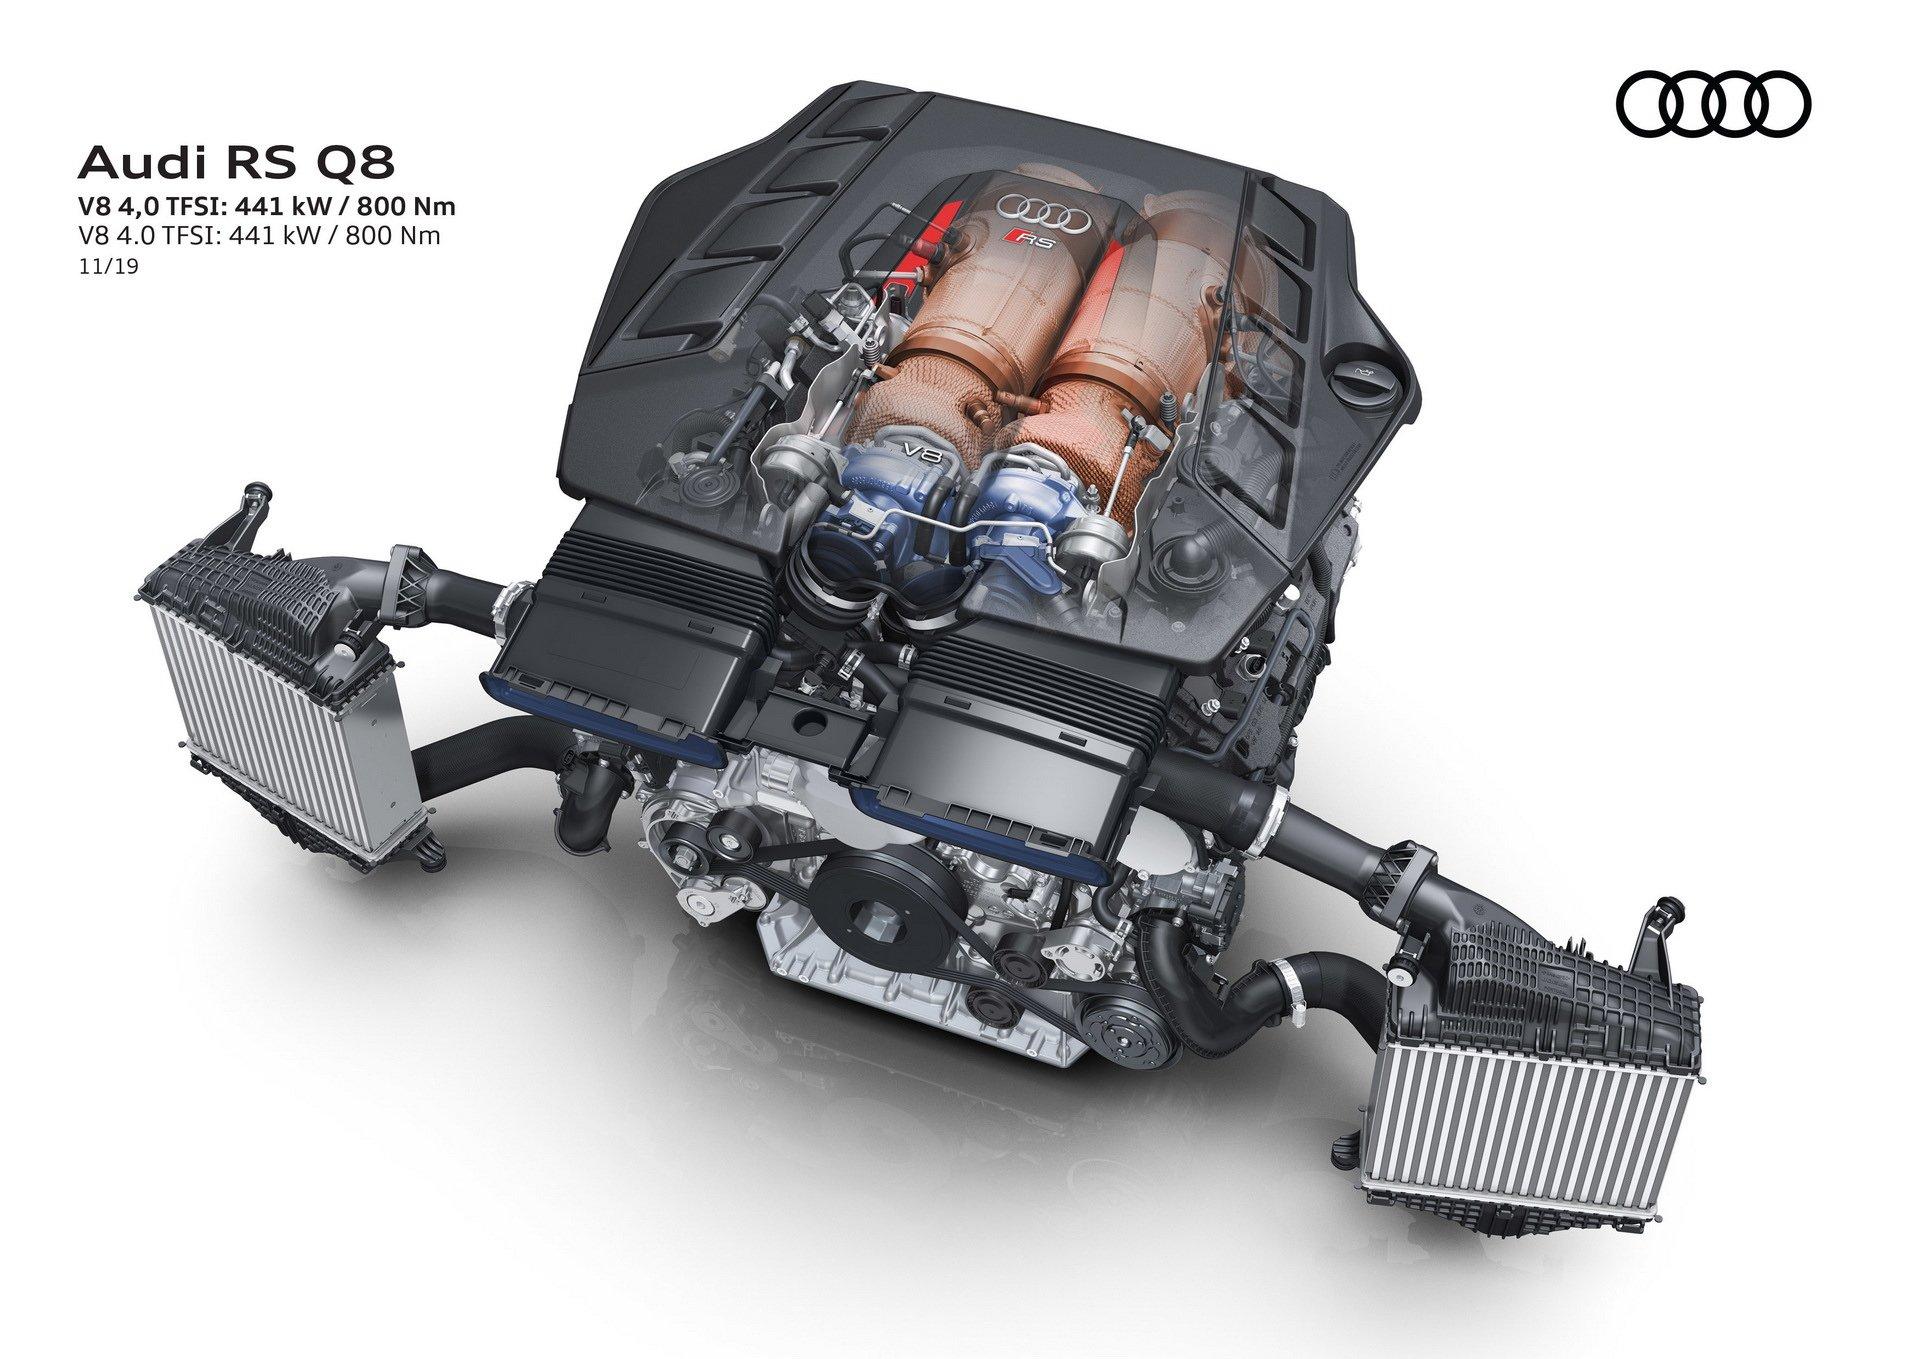 Audi-RS-Q8-74